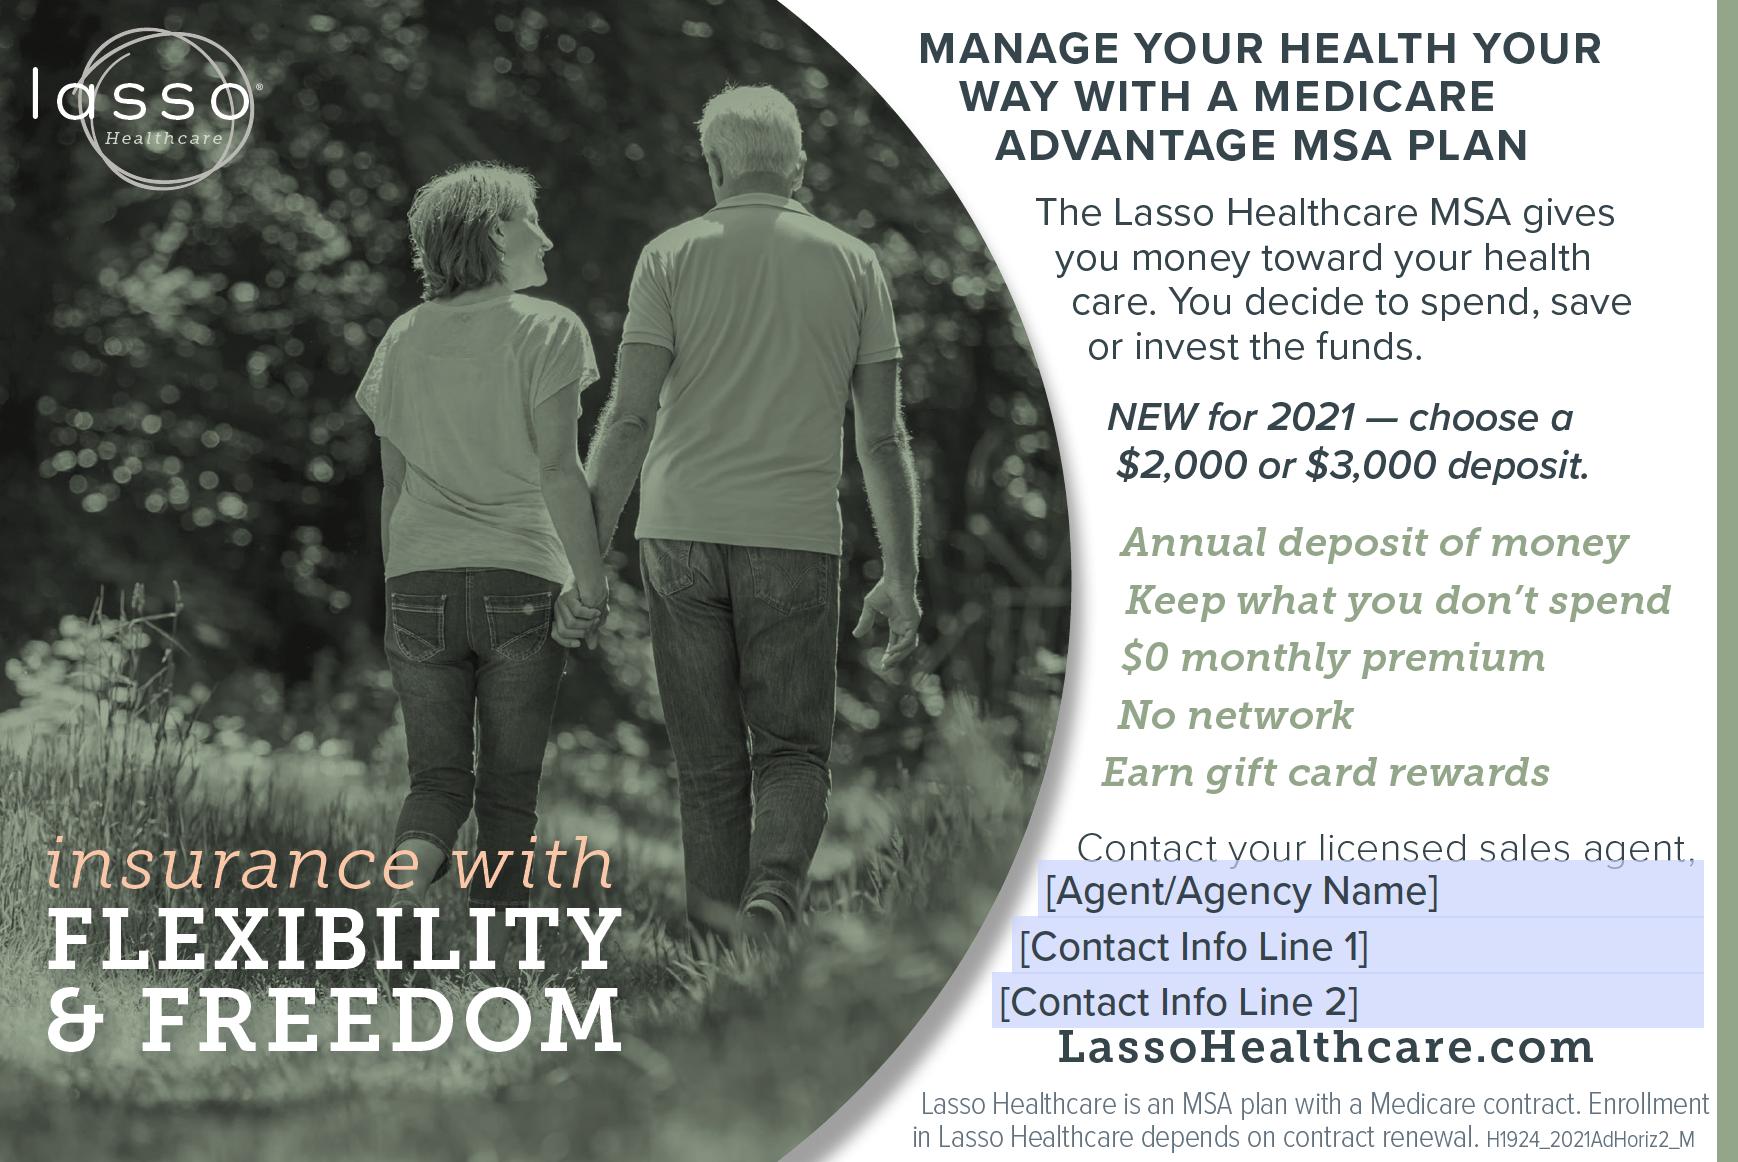 lasso-healthcare-msa-2021-print-ad